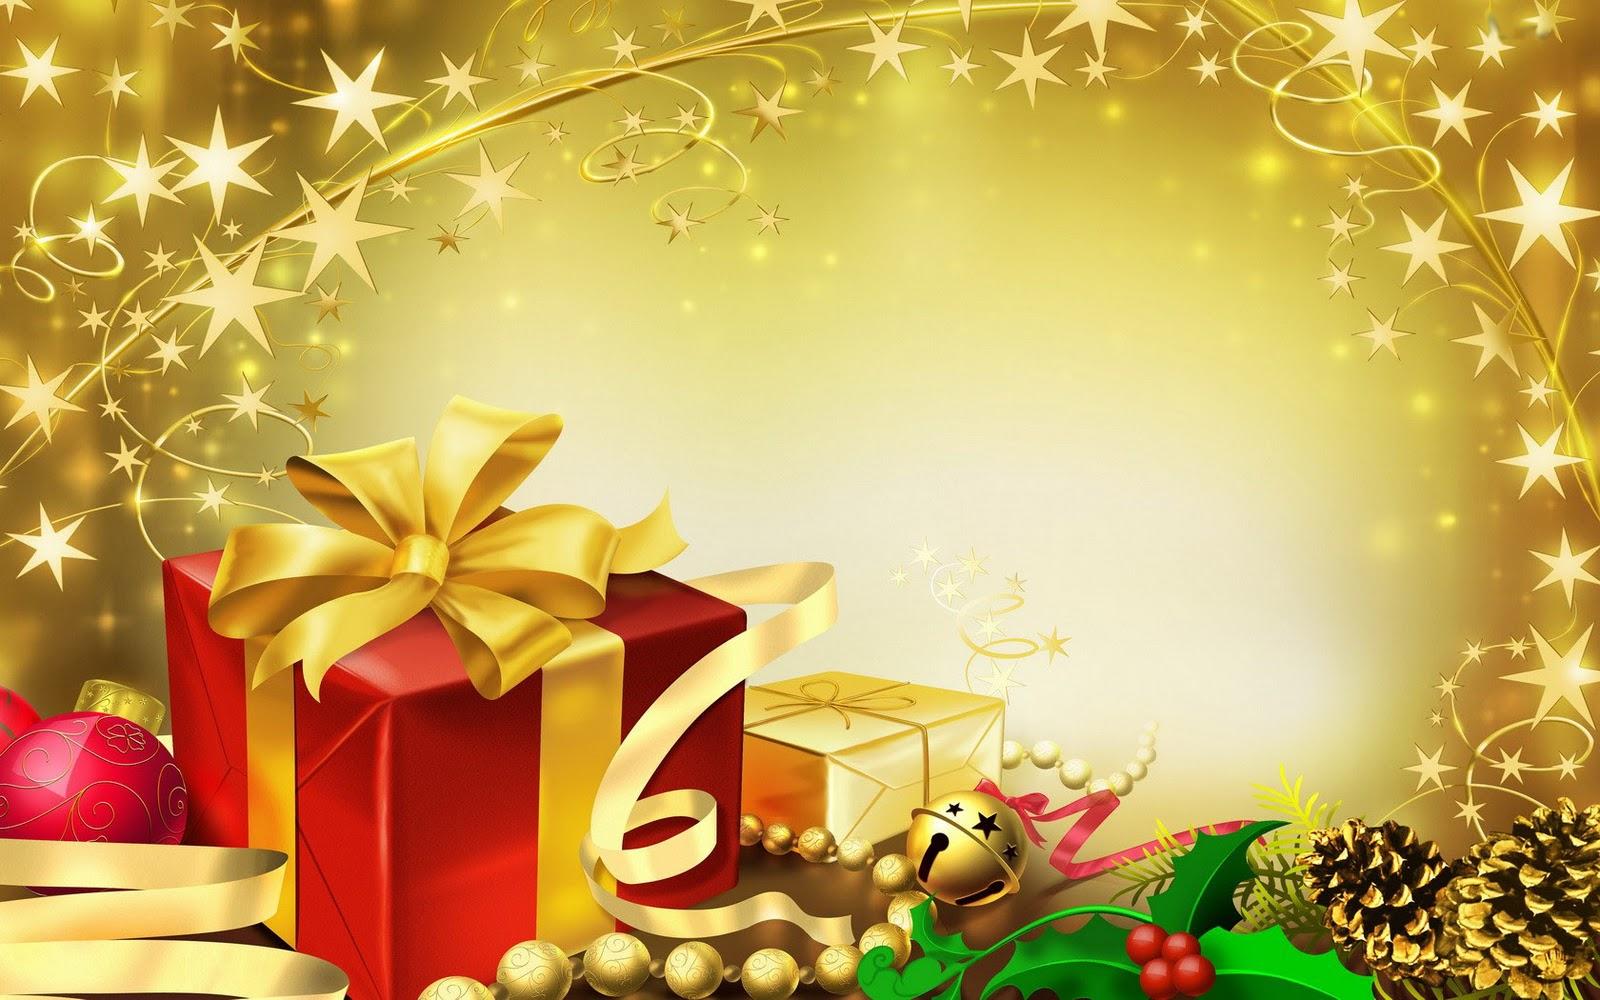 http://1.bp.blogspot.com/-r2o_71sS5gs/TvBp4nkyGtI/AAAAAAAAAlw/V_1b0It24Ow/s1600/Christmas-gifts.jpg